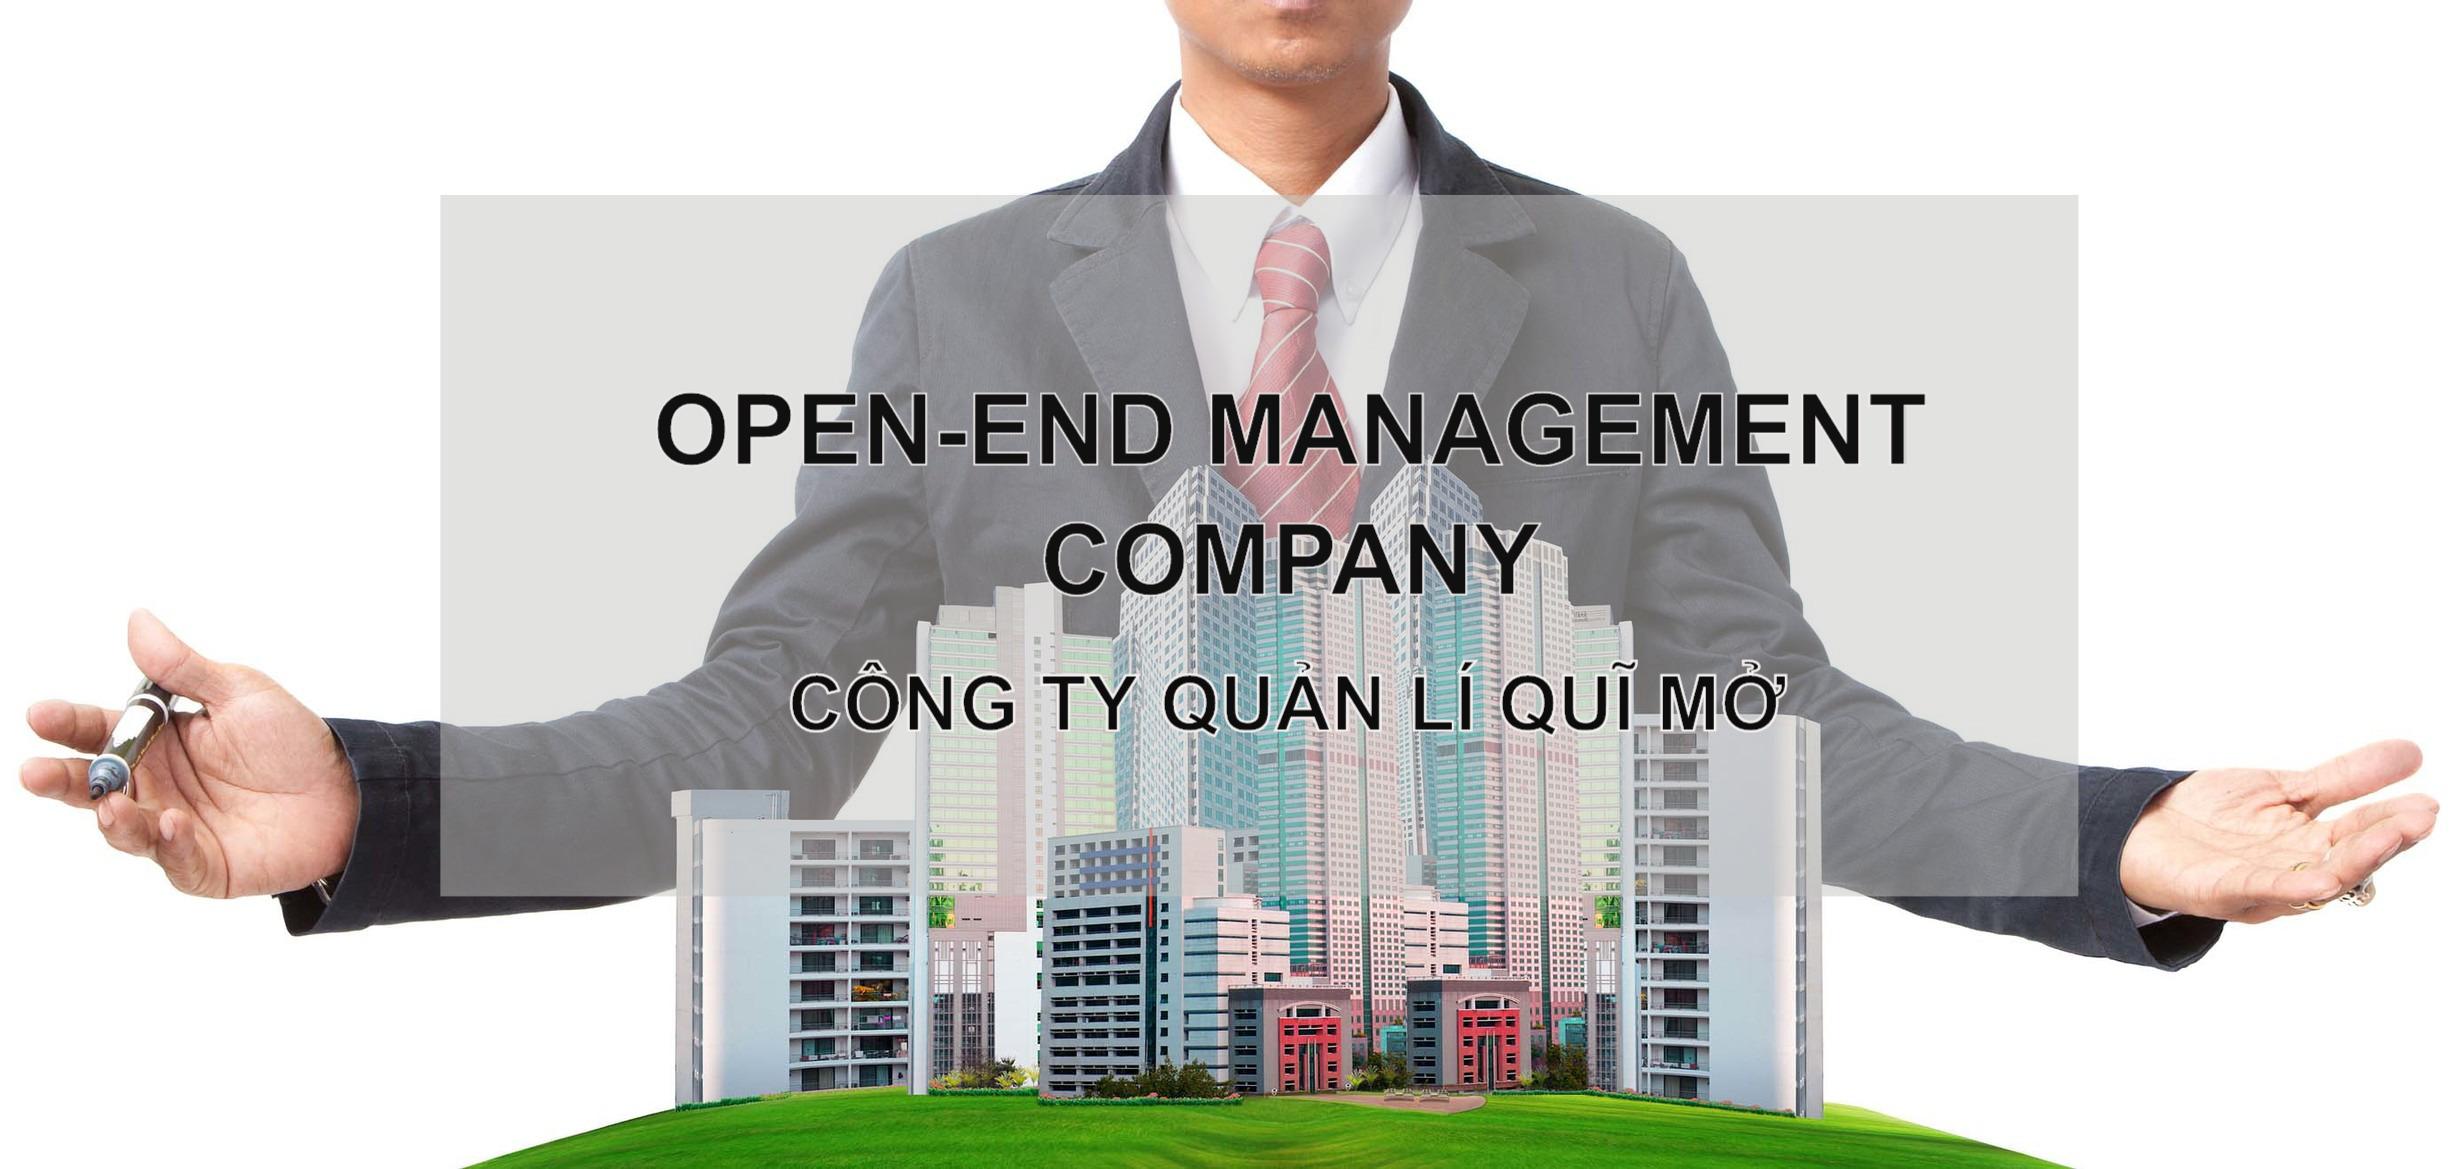 Công ty quản lí quĩ mở (Open-End Management Company) là gì? - Ảnh 1.